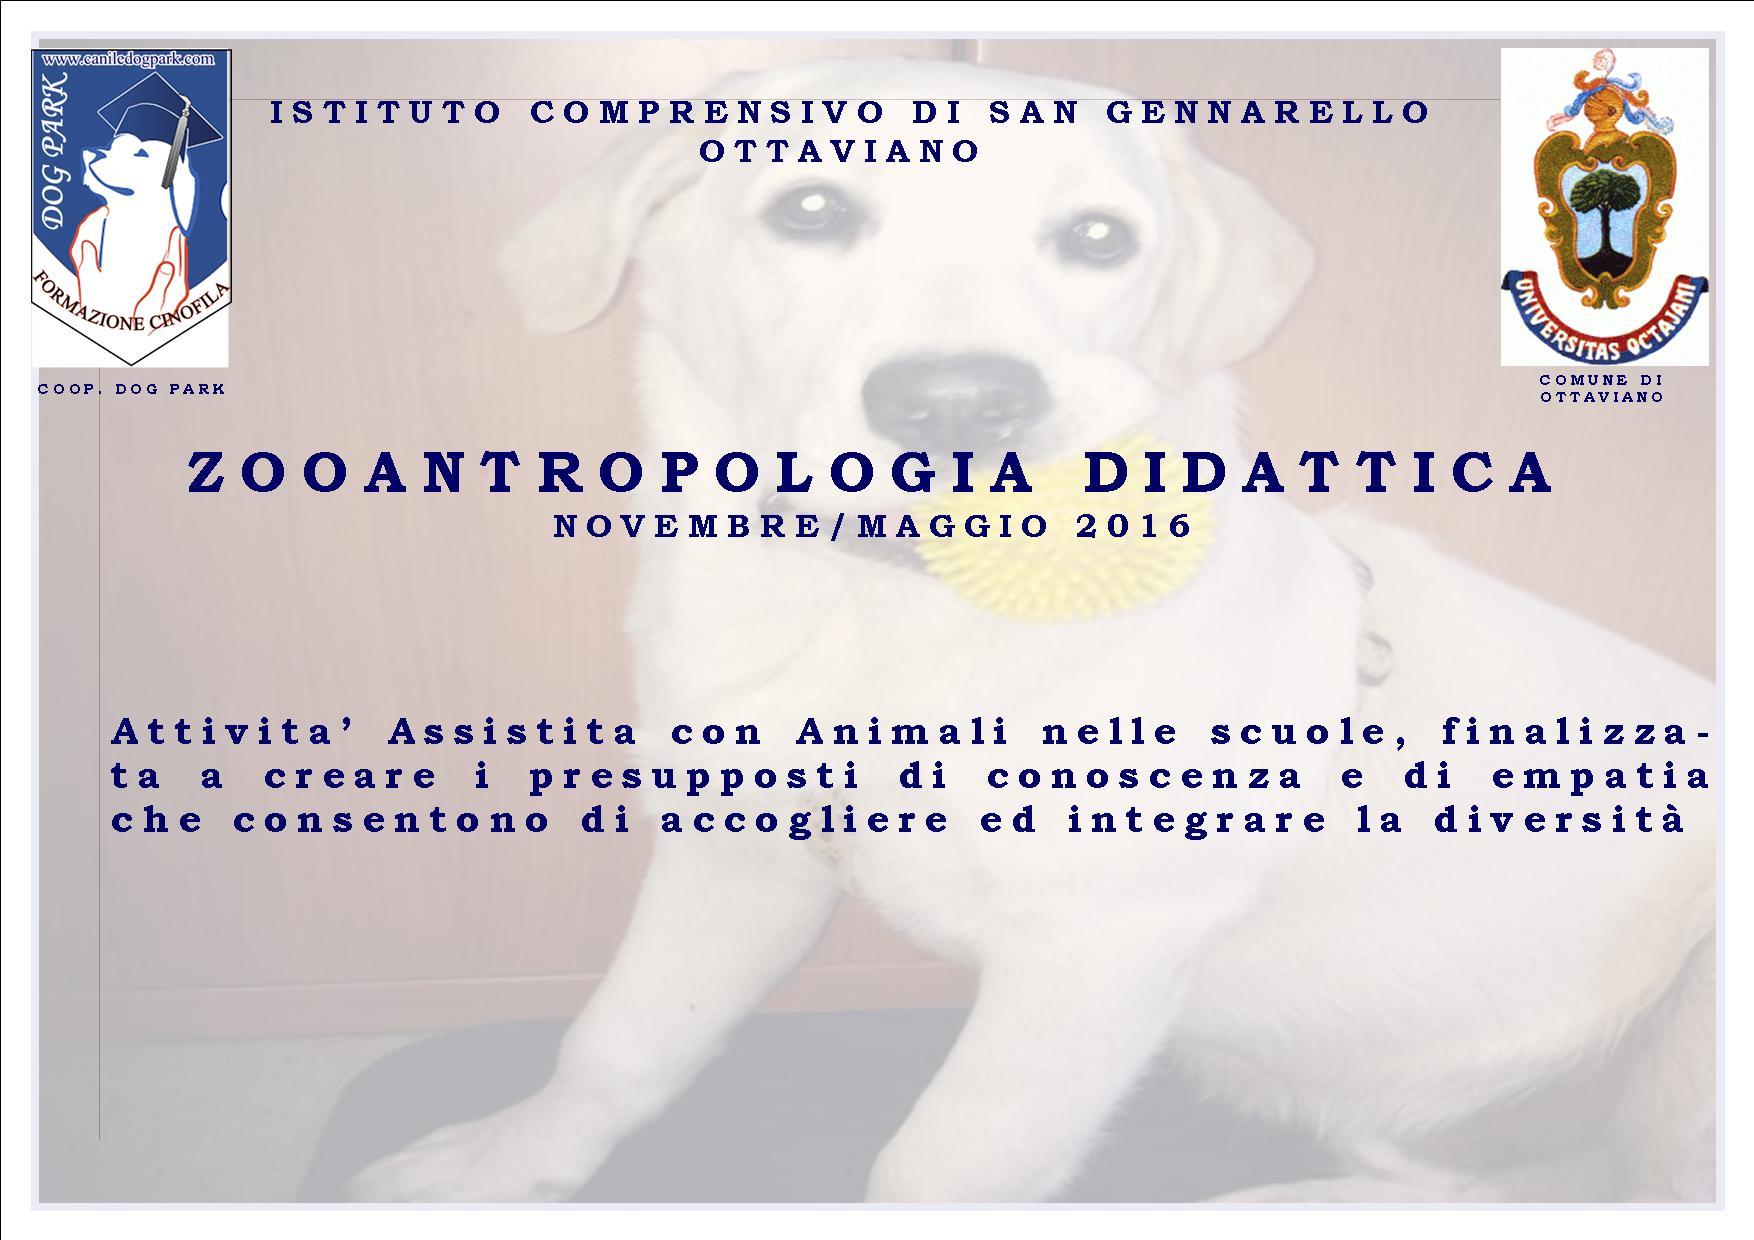 ZOOANTROPOLOGIA DIDATTICA - ISTITUTO COMPRENSIVO DI SAN GENNARELLO OTTAVIANO